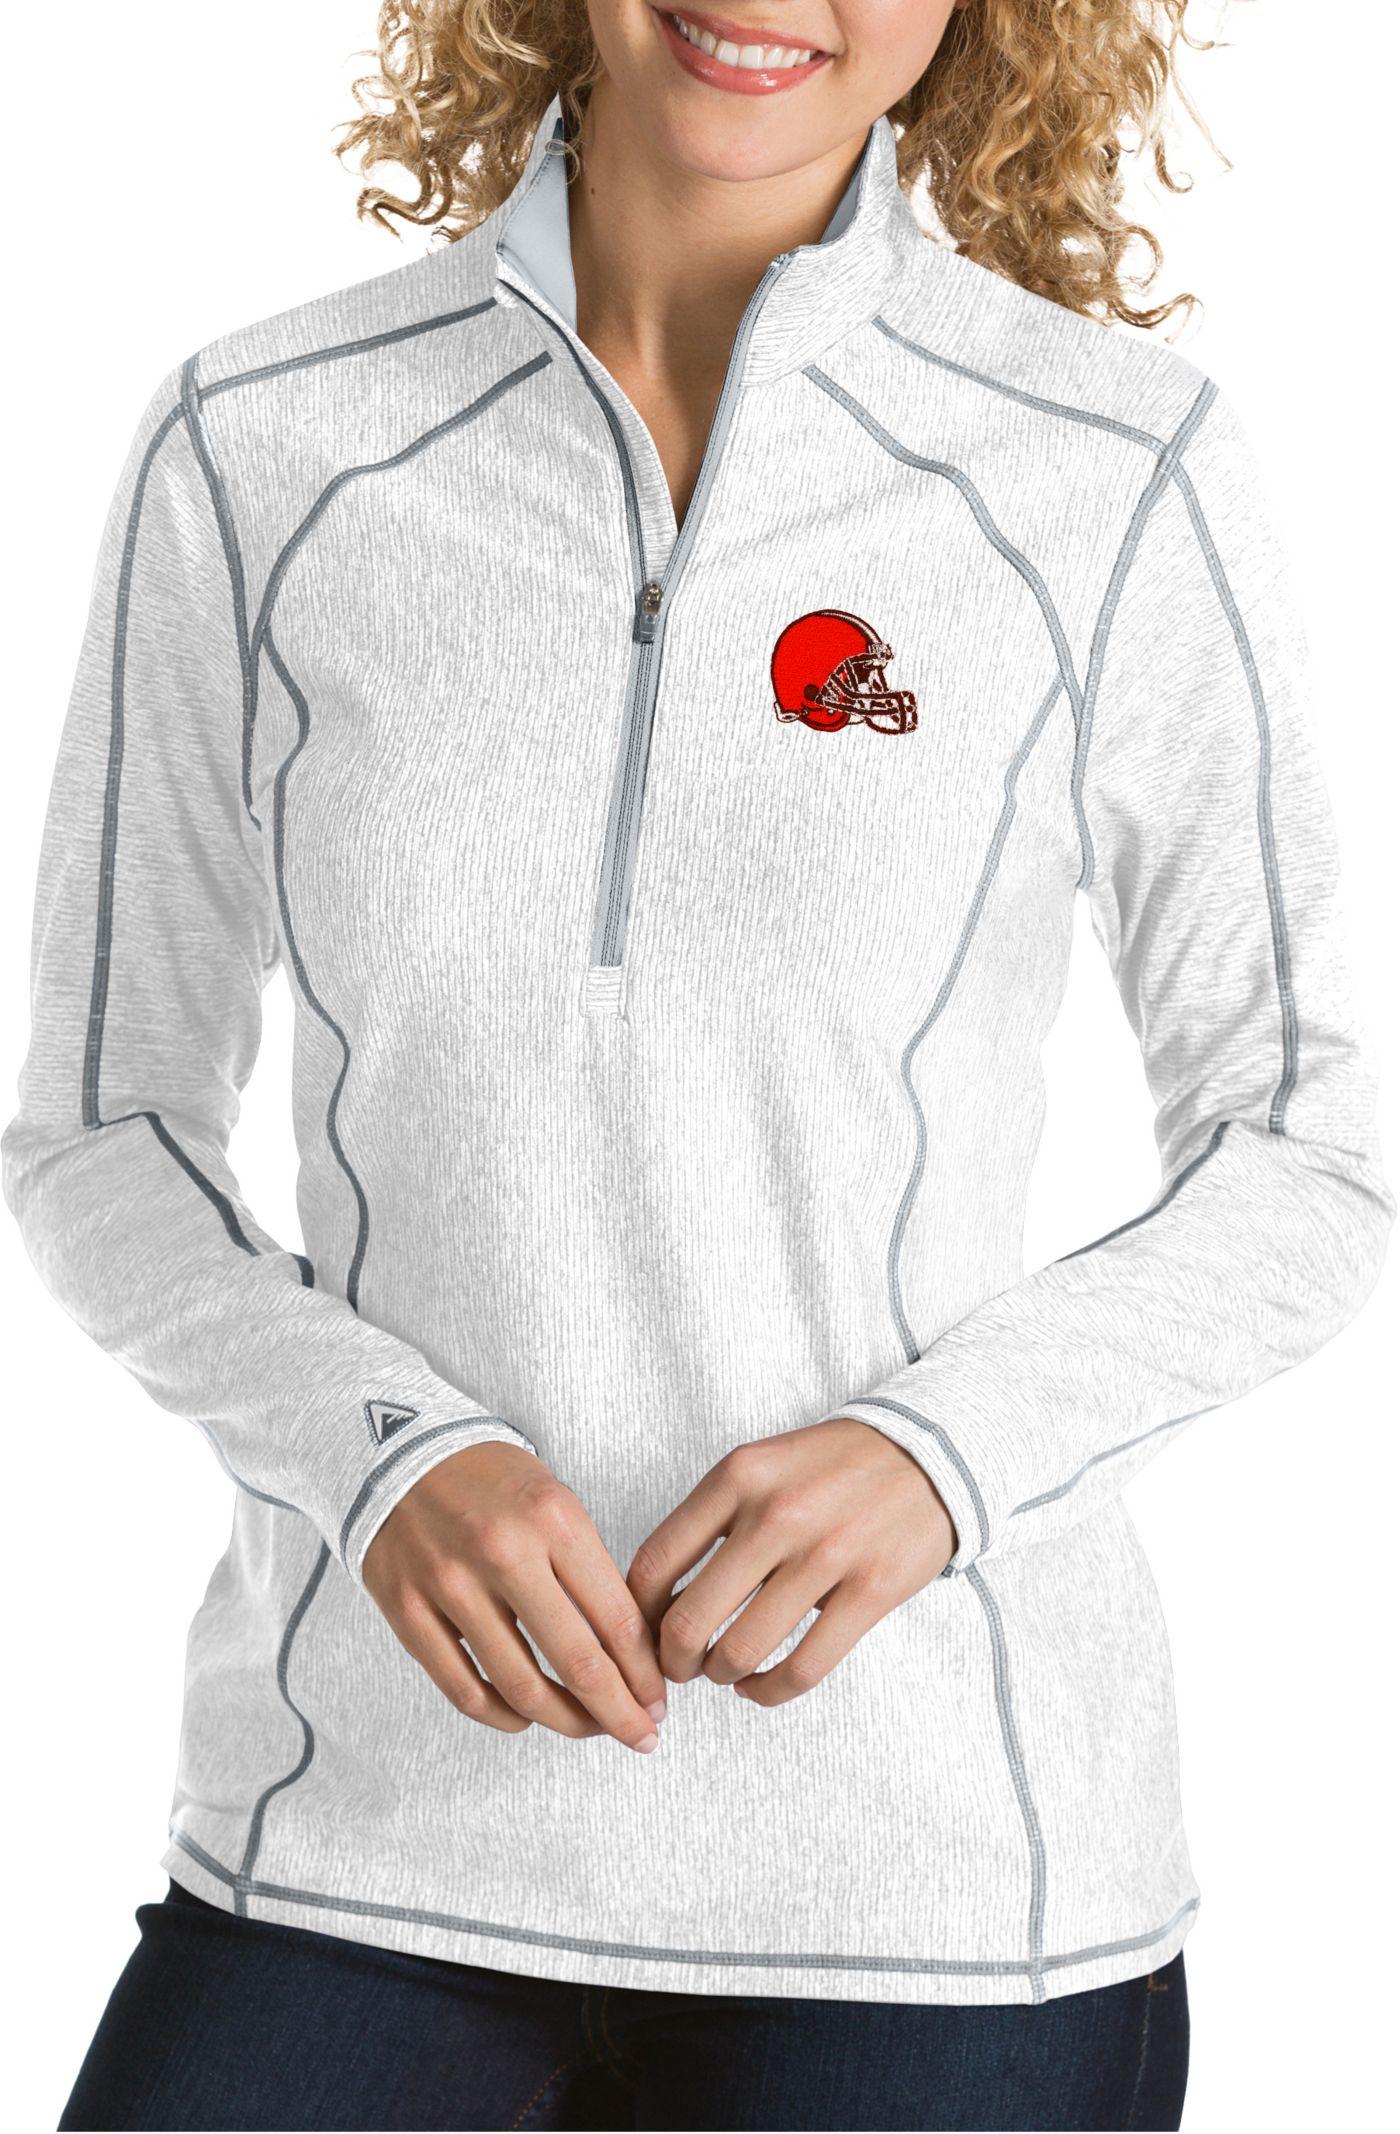 Antigua Women's Cleveland Browns Tempo White Quarter-Zip Pullover